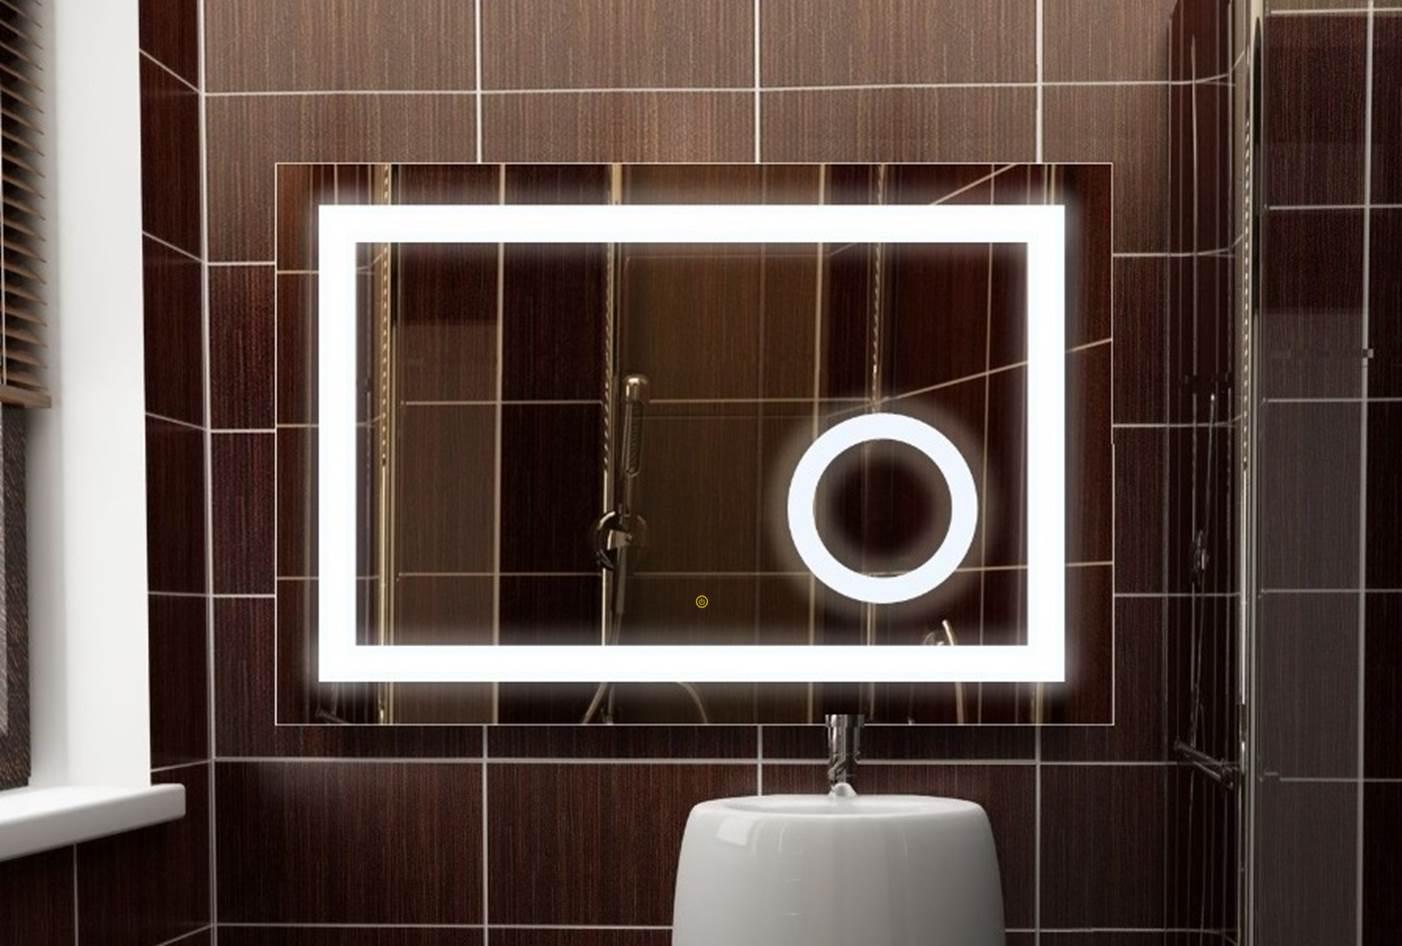 Details zu Badspiegel Power LED mit integriertem Kosmetikspiegel und Touch  Sensor 9x9 cm